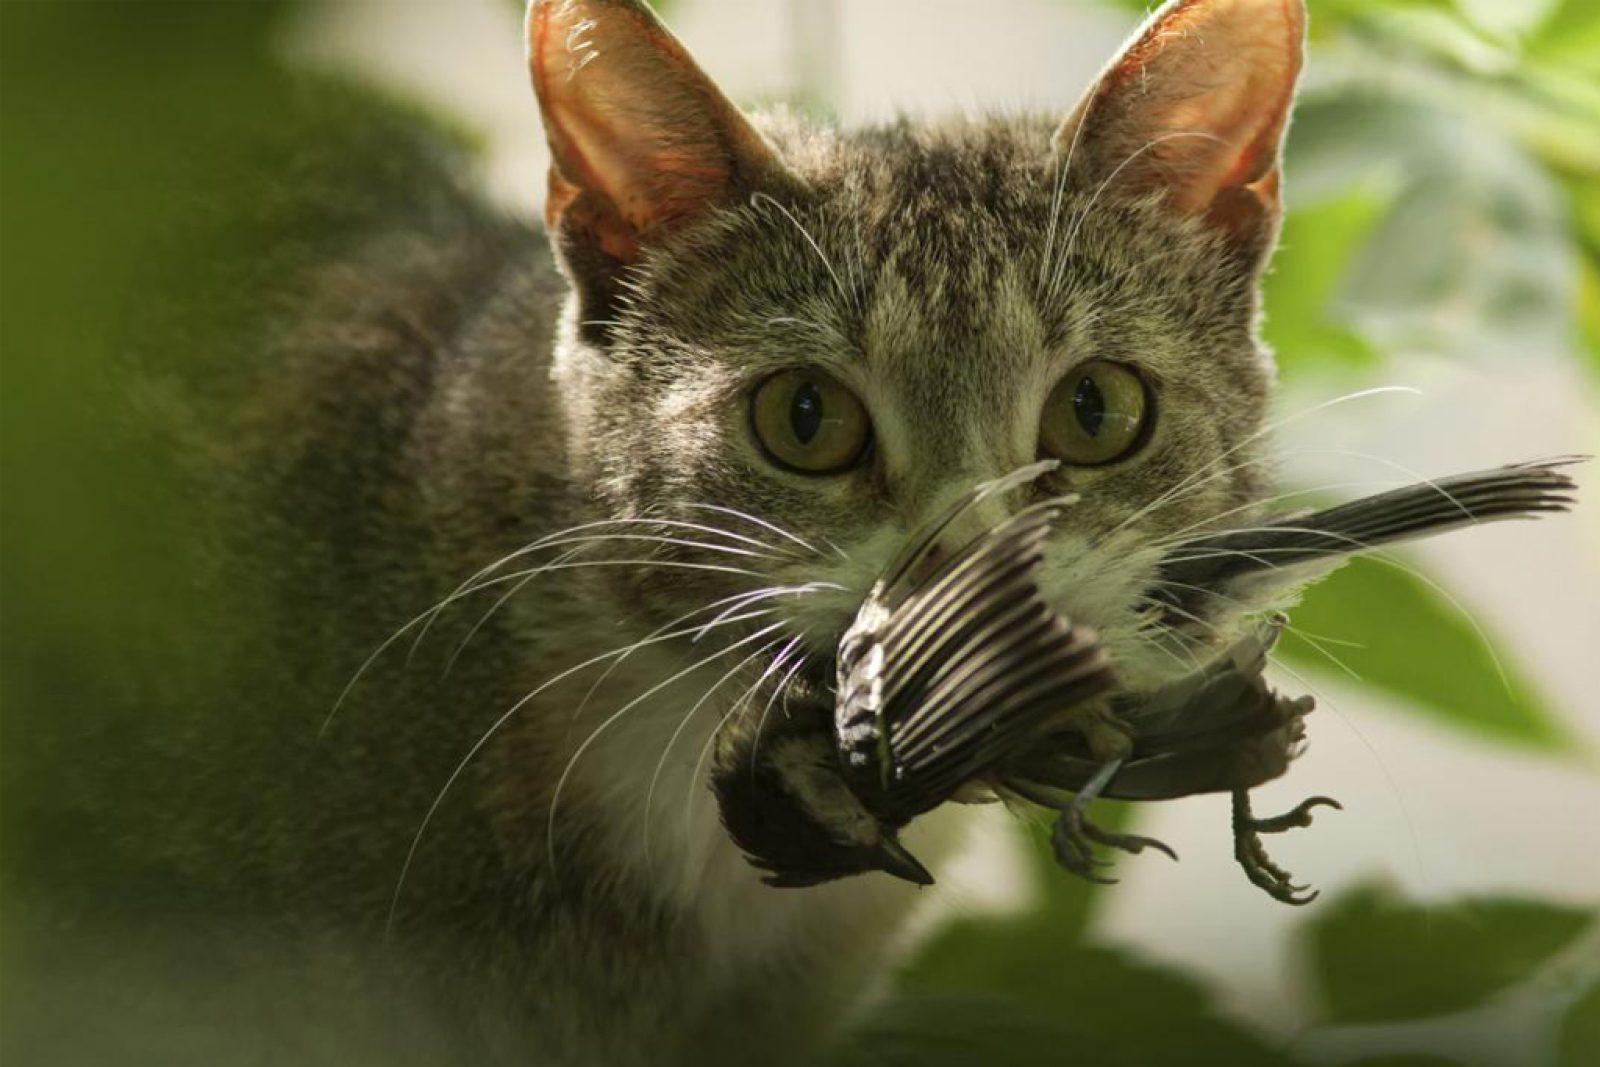 chat prédateur chasse un oiseau